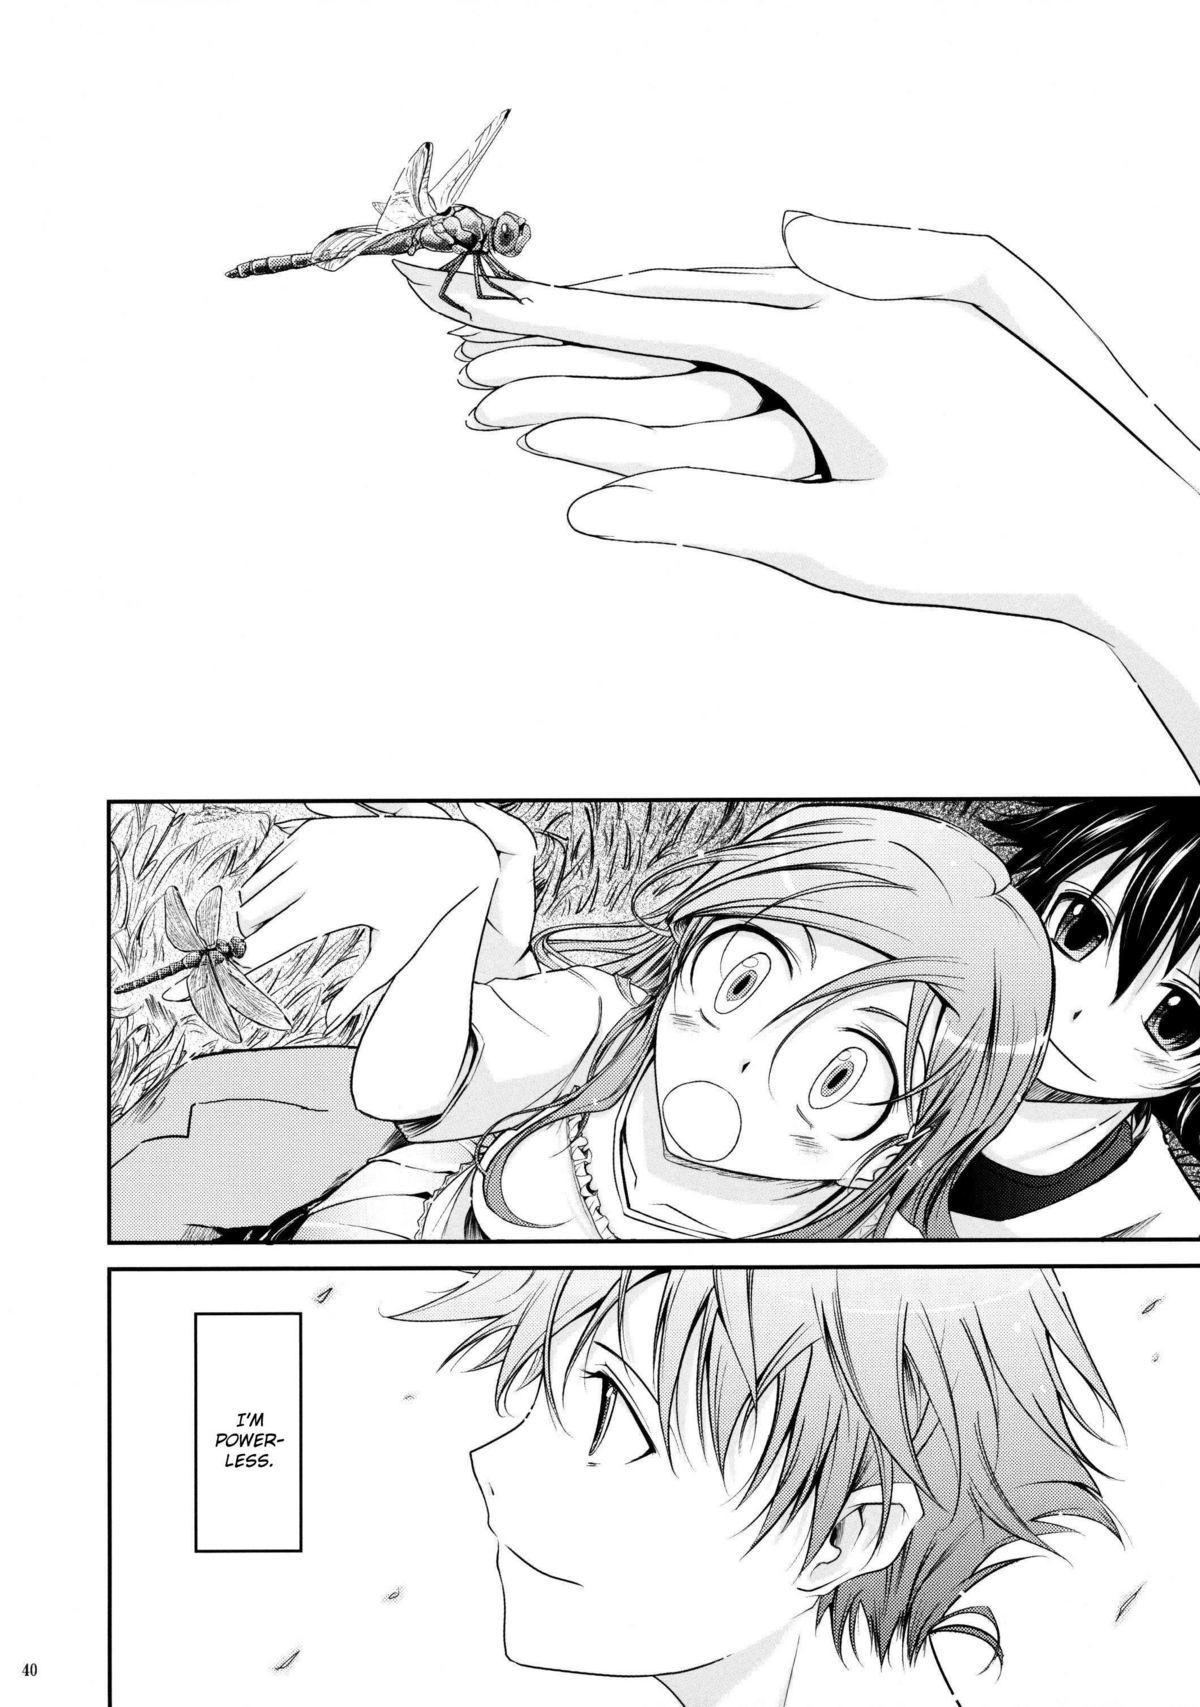 (C76) [Garyuh-Chitai (TANA)] Aki-Akane -Kouhen II- (Bleach) [English] {doujin-moe.us} 38